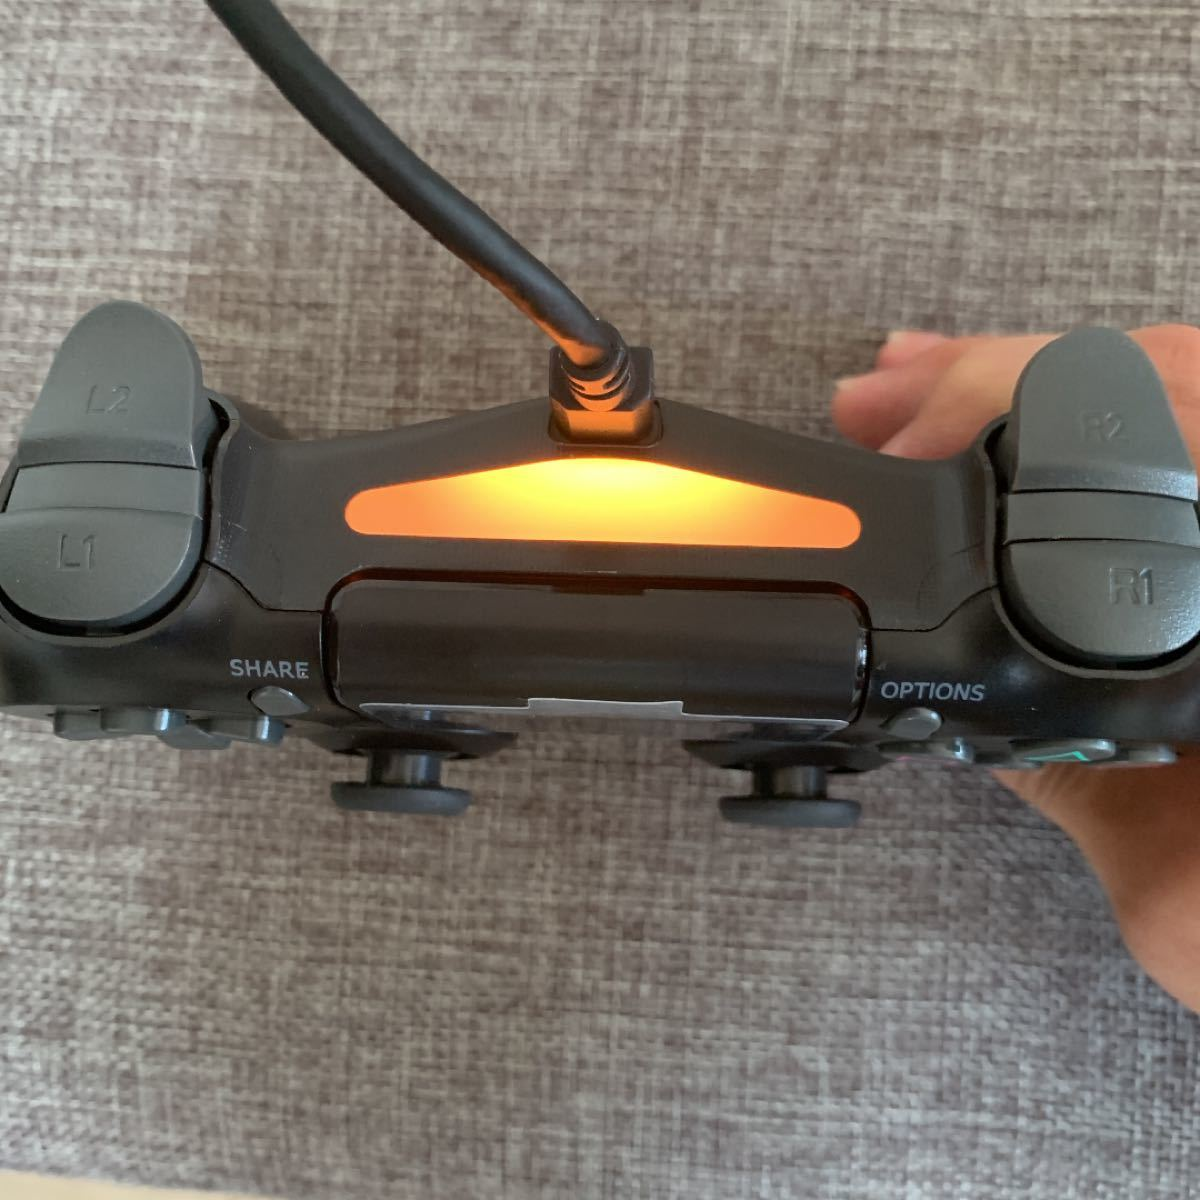 【PS4】新品 ワイヤレスコントローラ互換品 ps4コントローラー USB付き